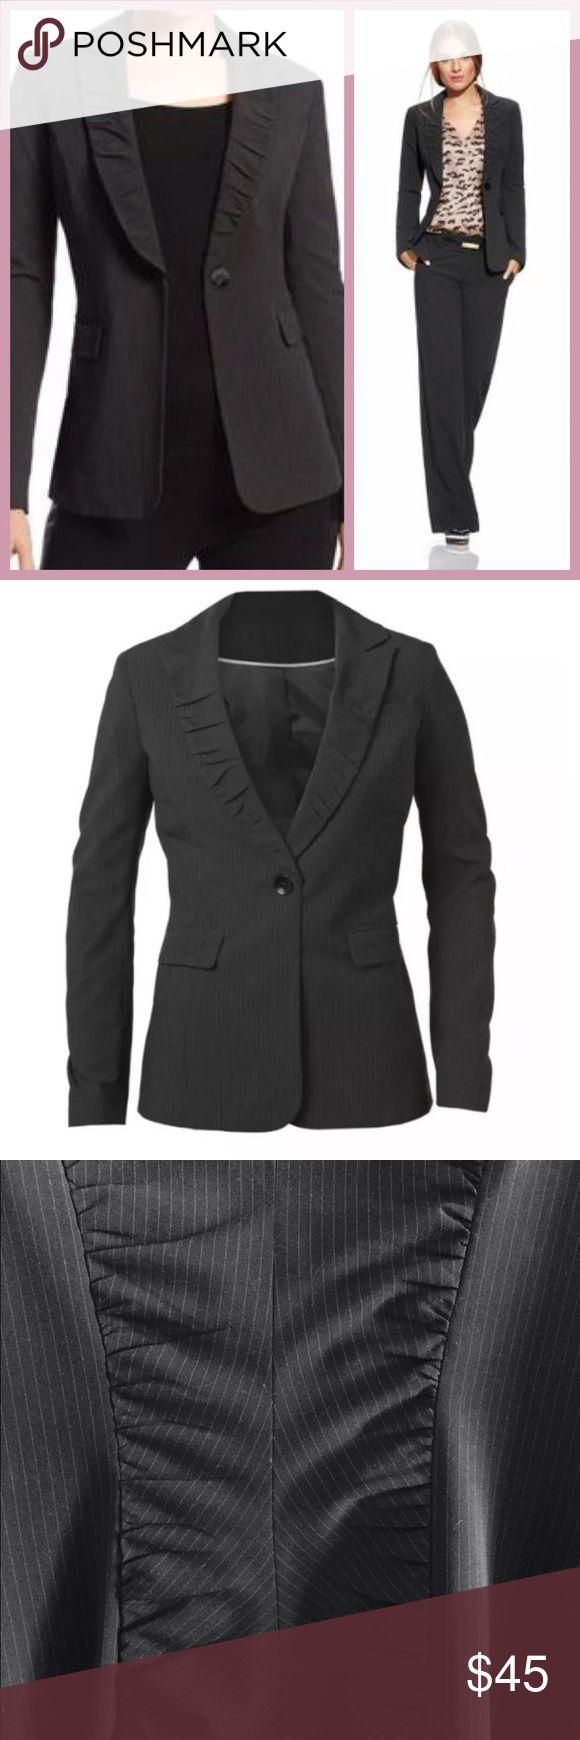 Best 25+ Black pinstripe suit ideas on Pinterest | Men's suits ...